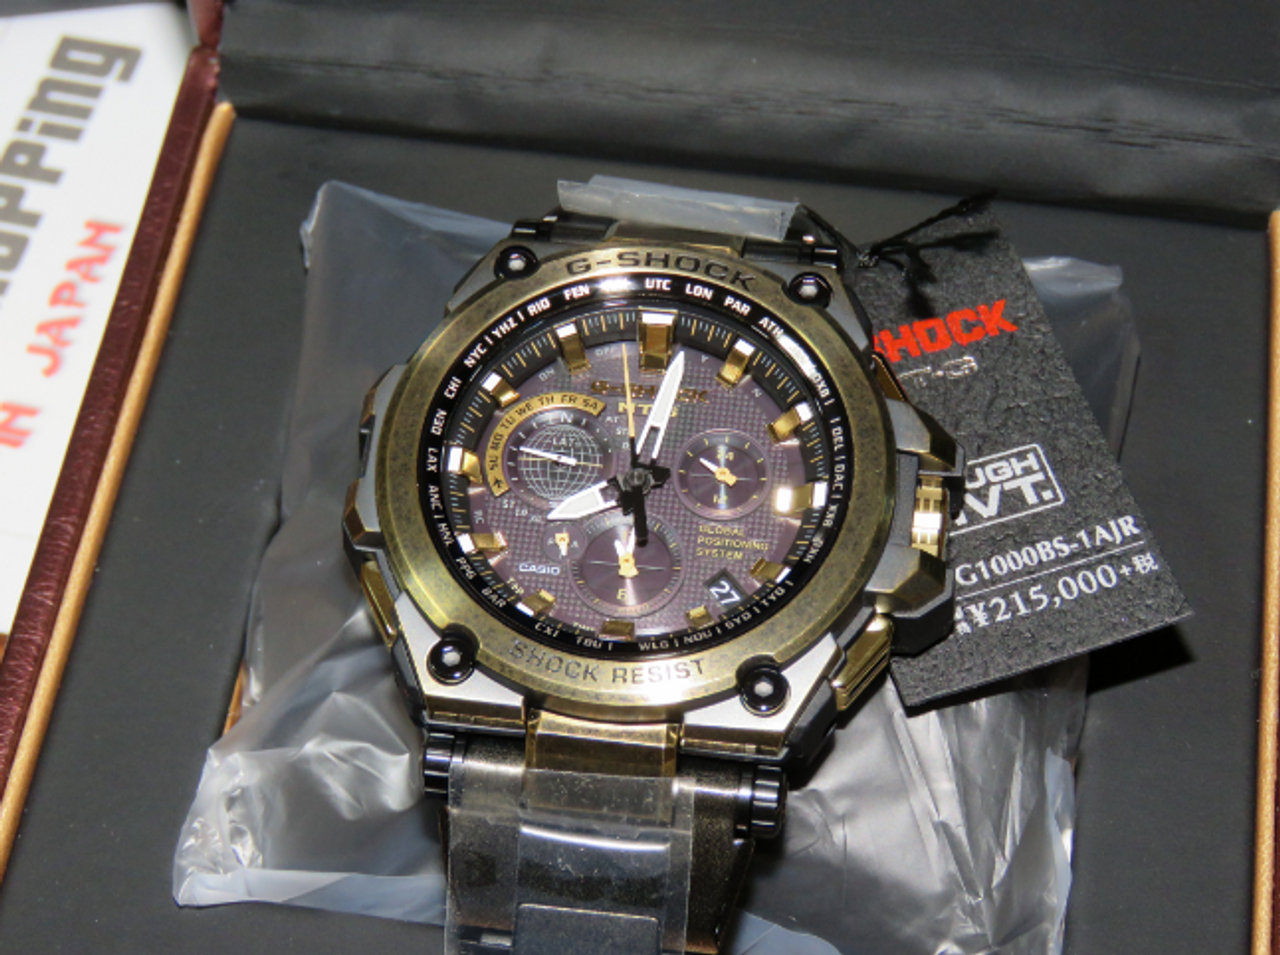 MTG-G1000BS-1A